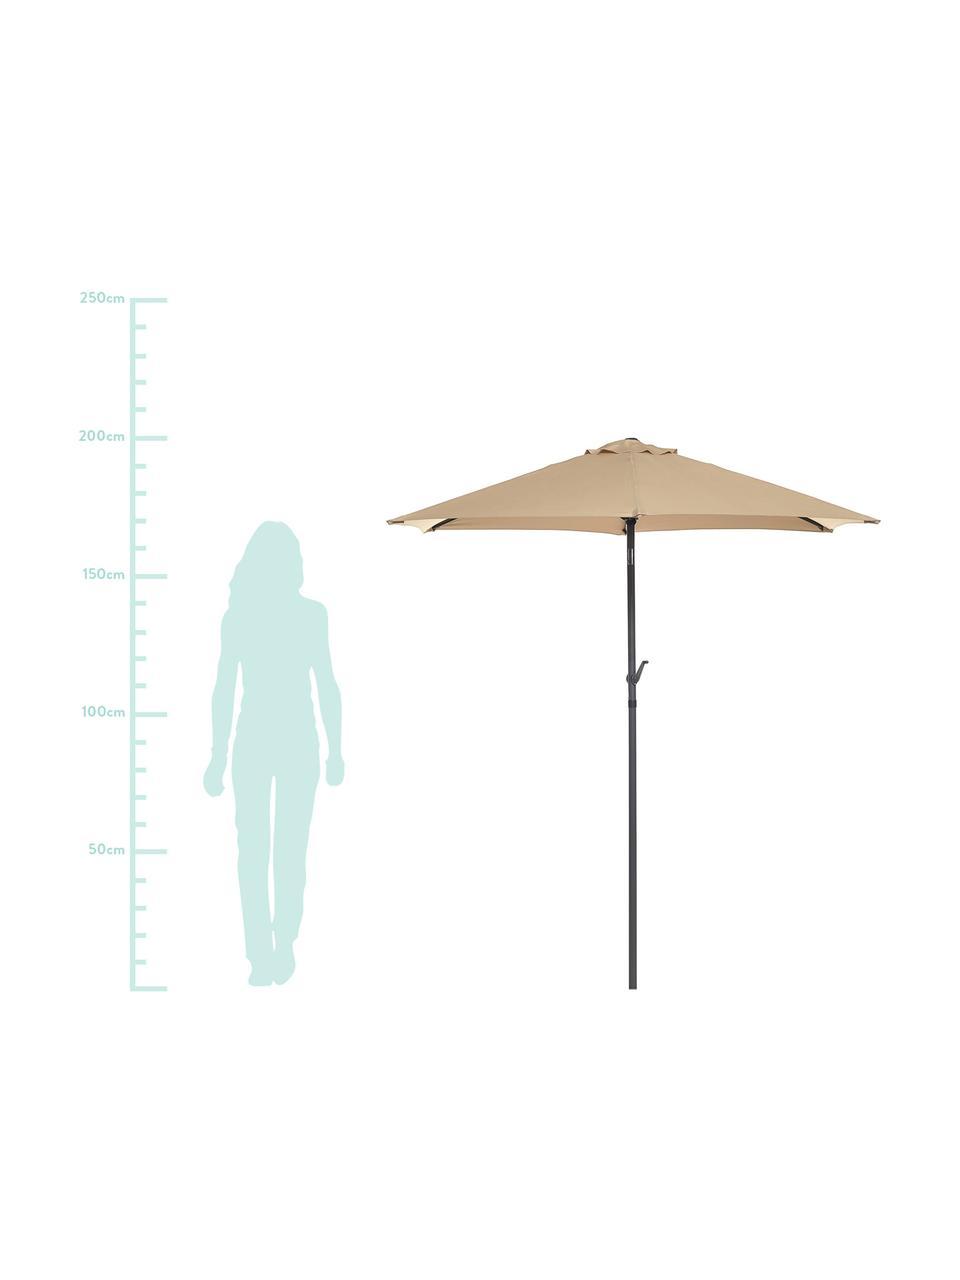 Sonnenschirm Siesta in Beige mit Kurbel, Gestell: Aluminium, beschichtet, Bezug: Polyester, Beige, Schwarz, Ø 250 x H 240 cm